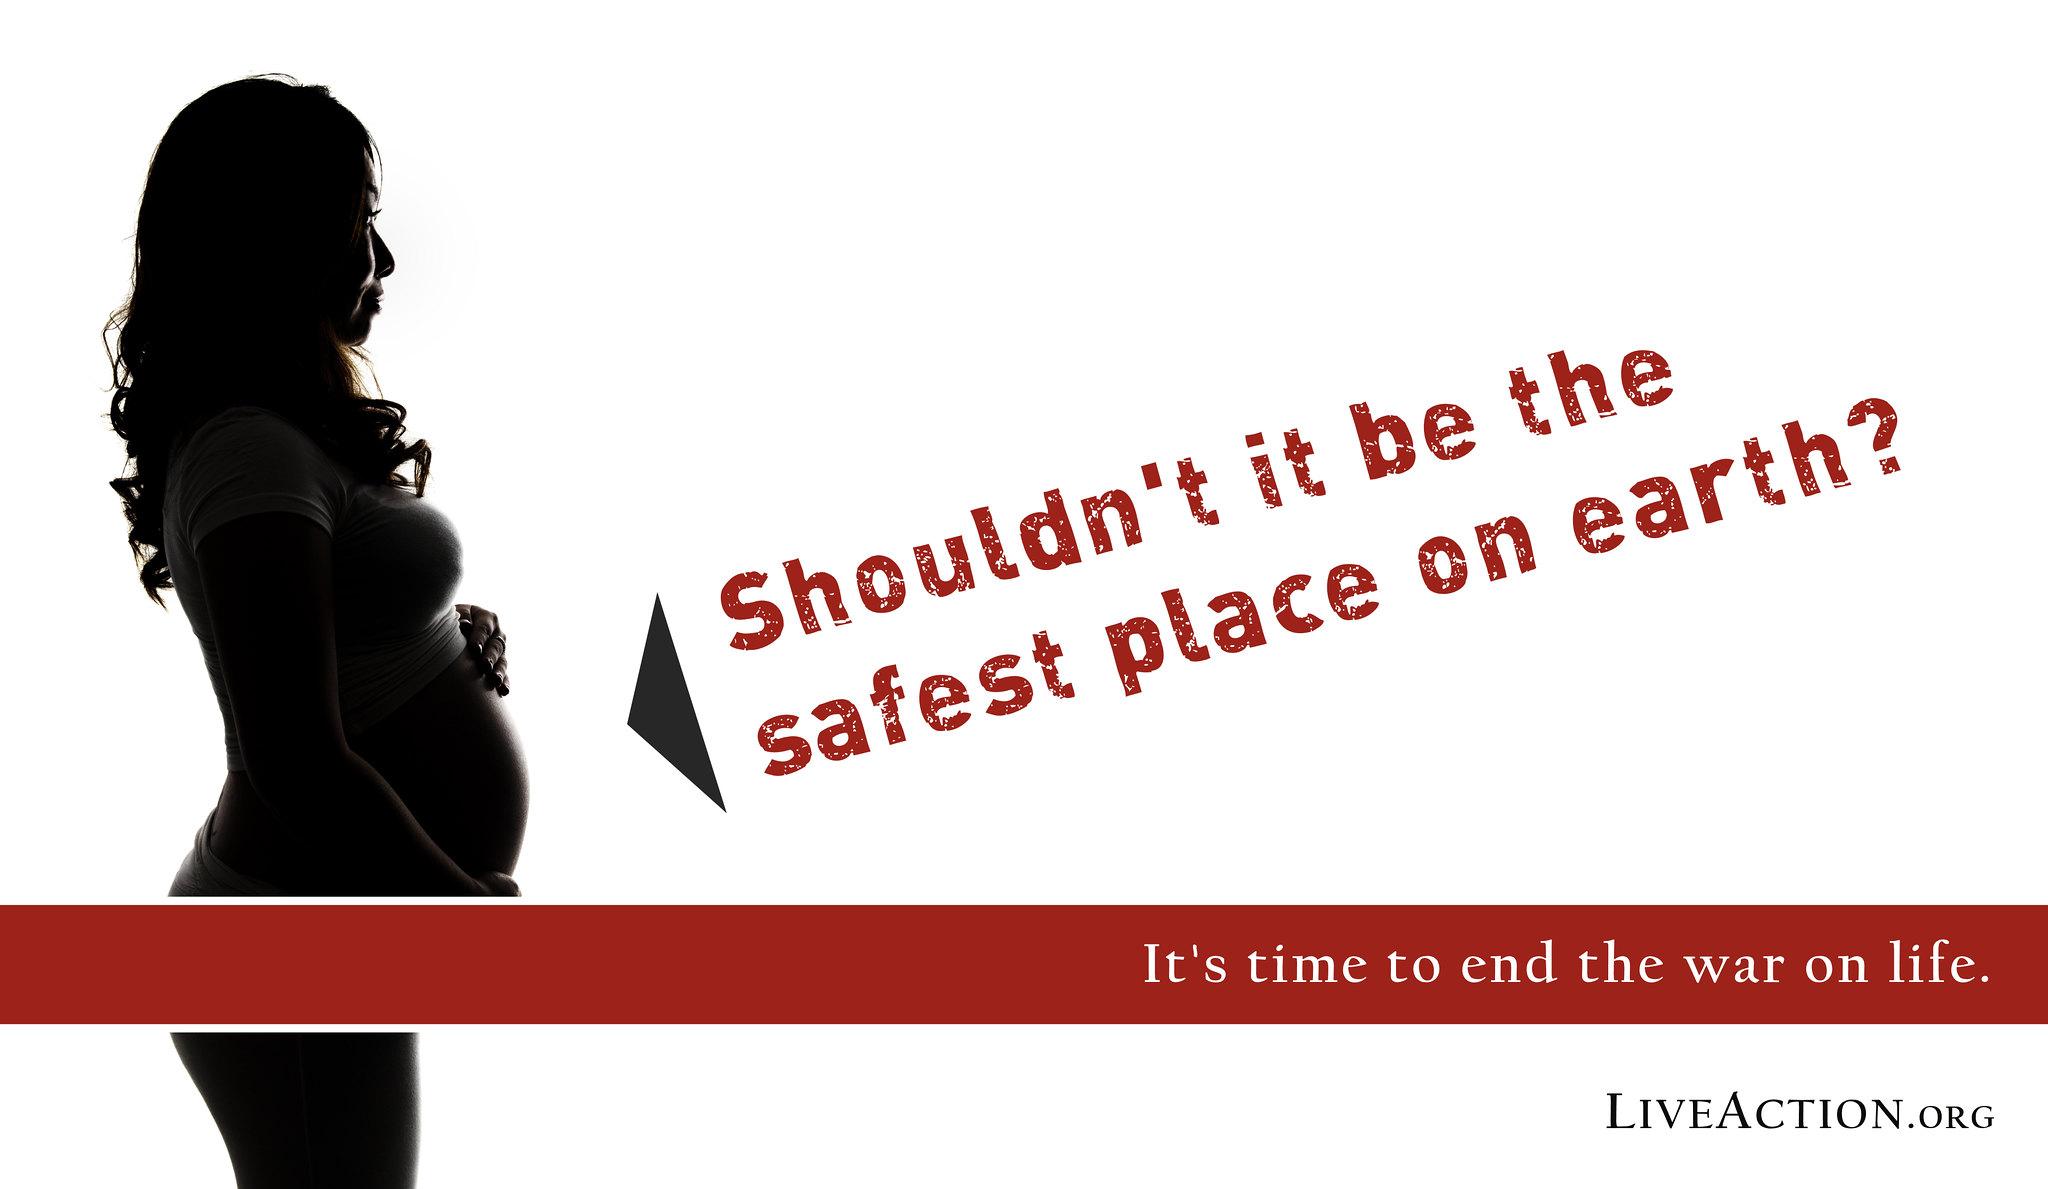 Safest Place?